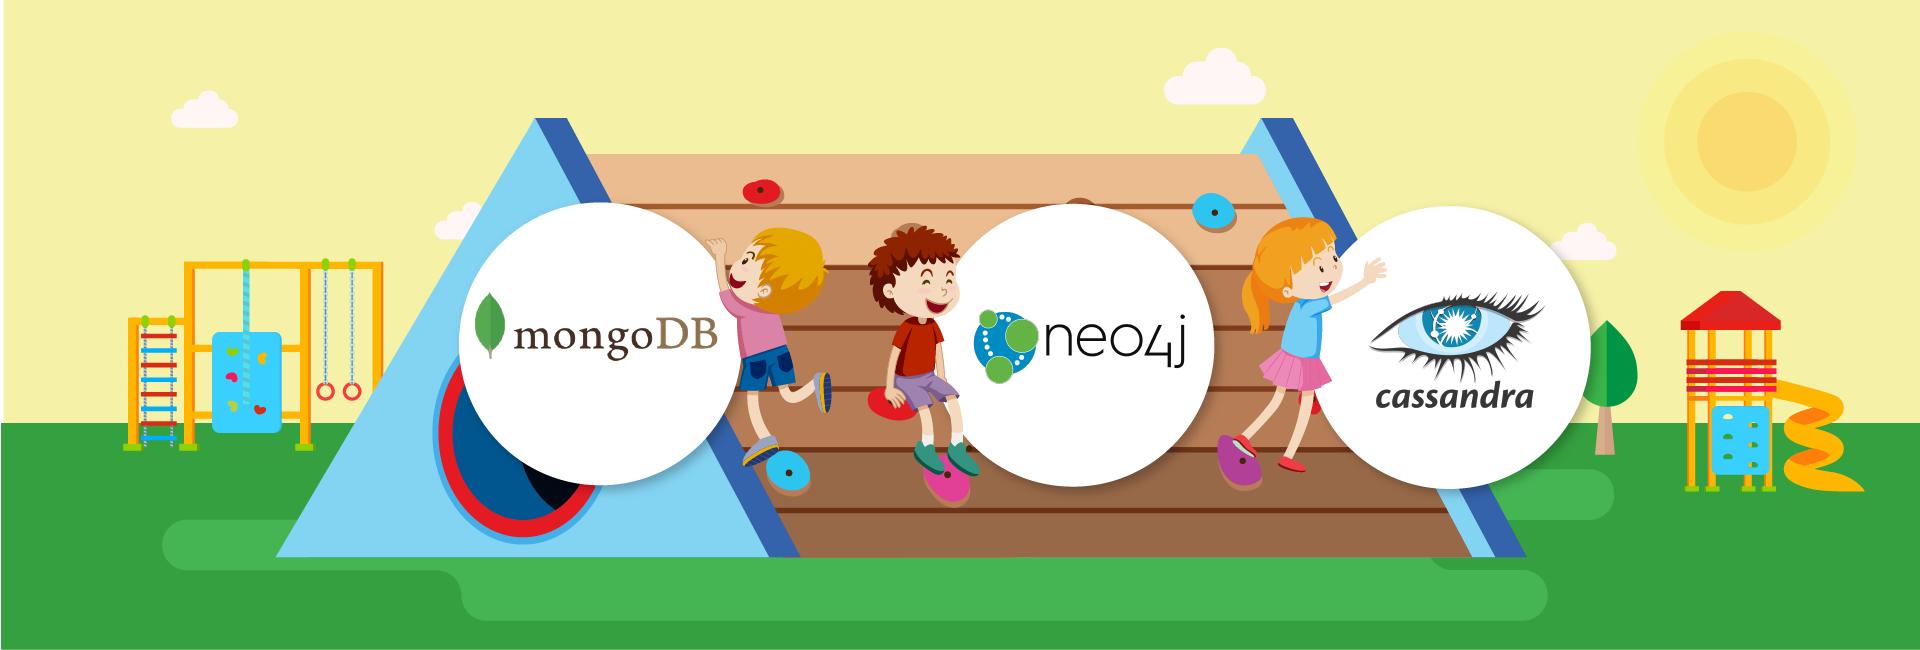 NoSQL playground